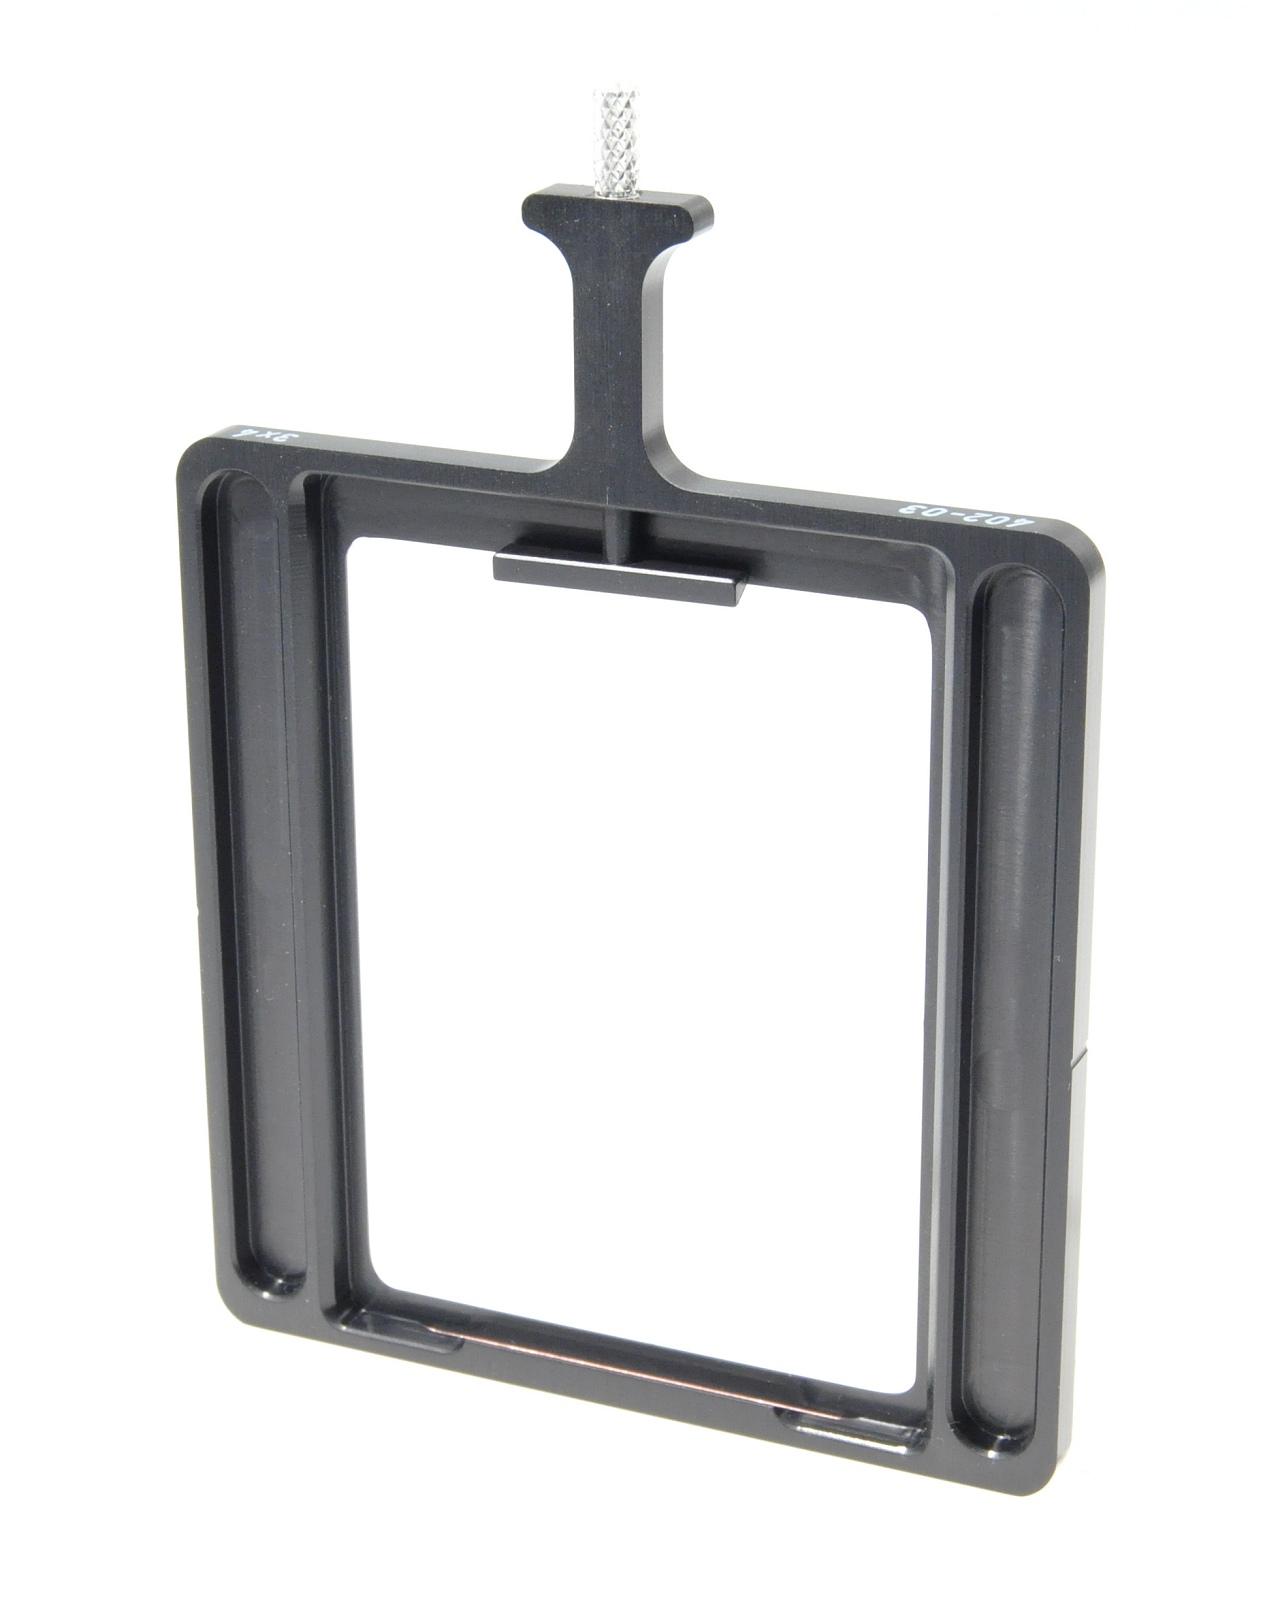 Filterhalter 3x4 (110mm breit)